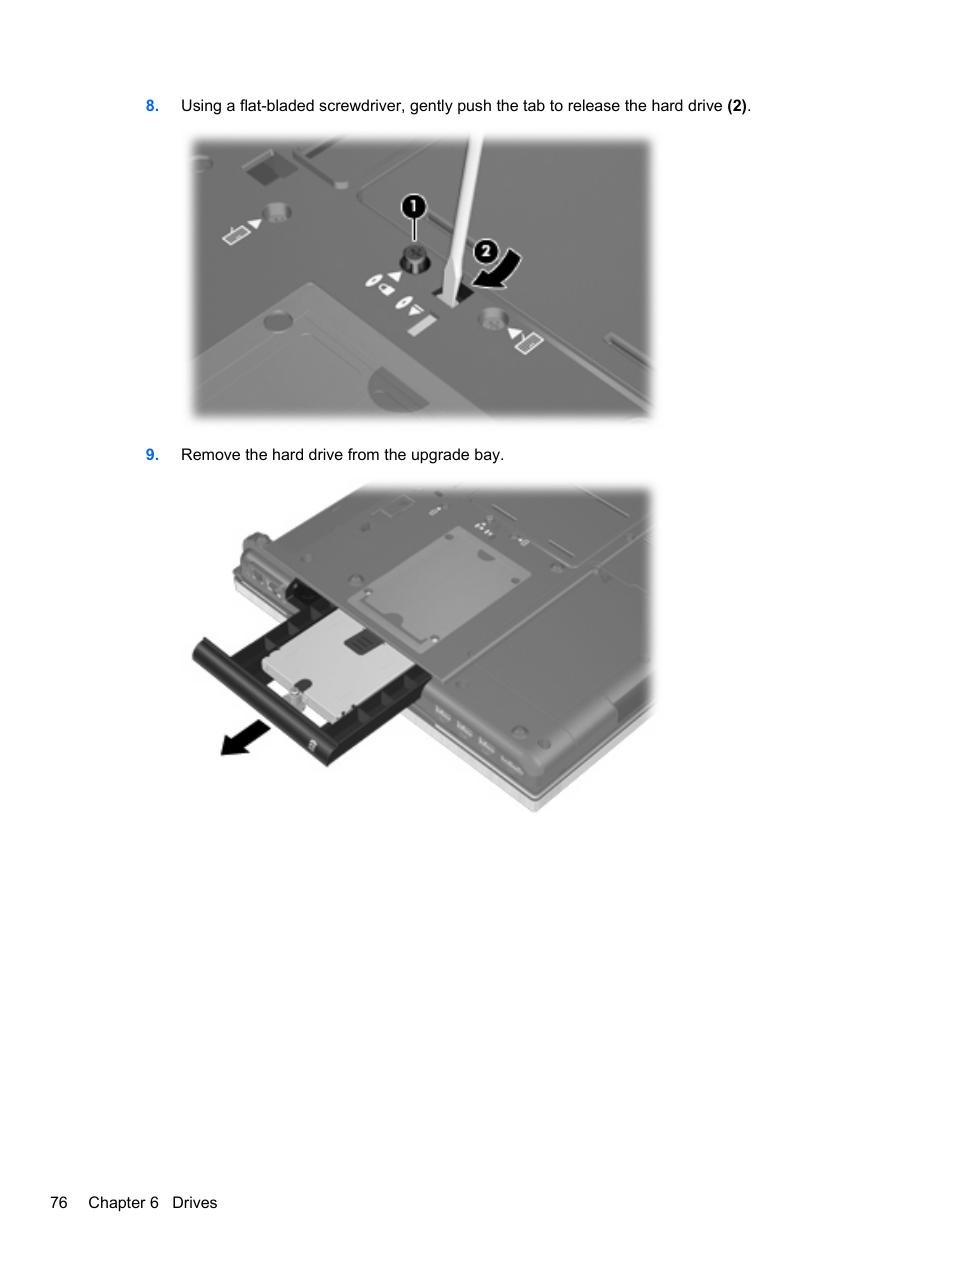 hp elitebook 8740w mobile workstation user manual page 88 150 rh manualsdir com hp elitebook 8740w mobile workstation manual hp elitebook 8740w technical manual